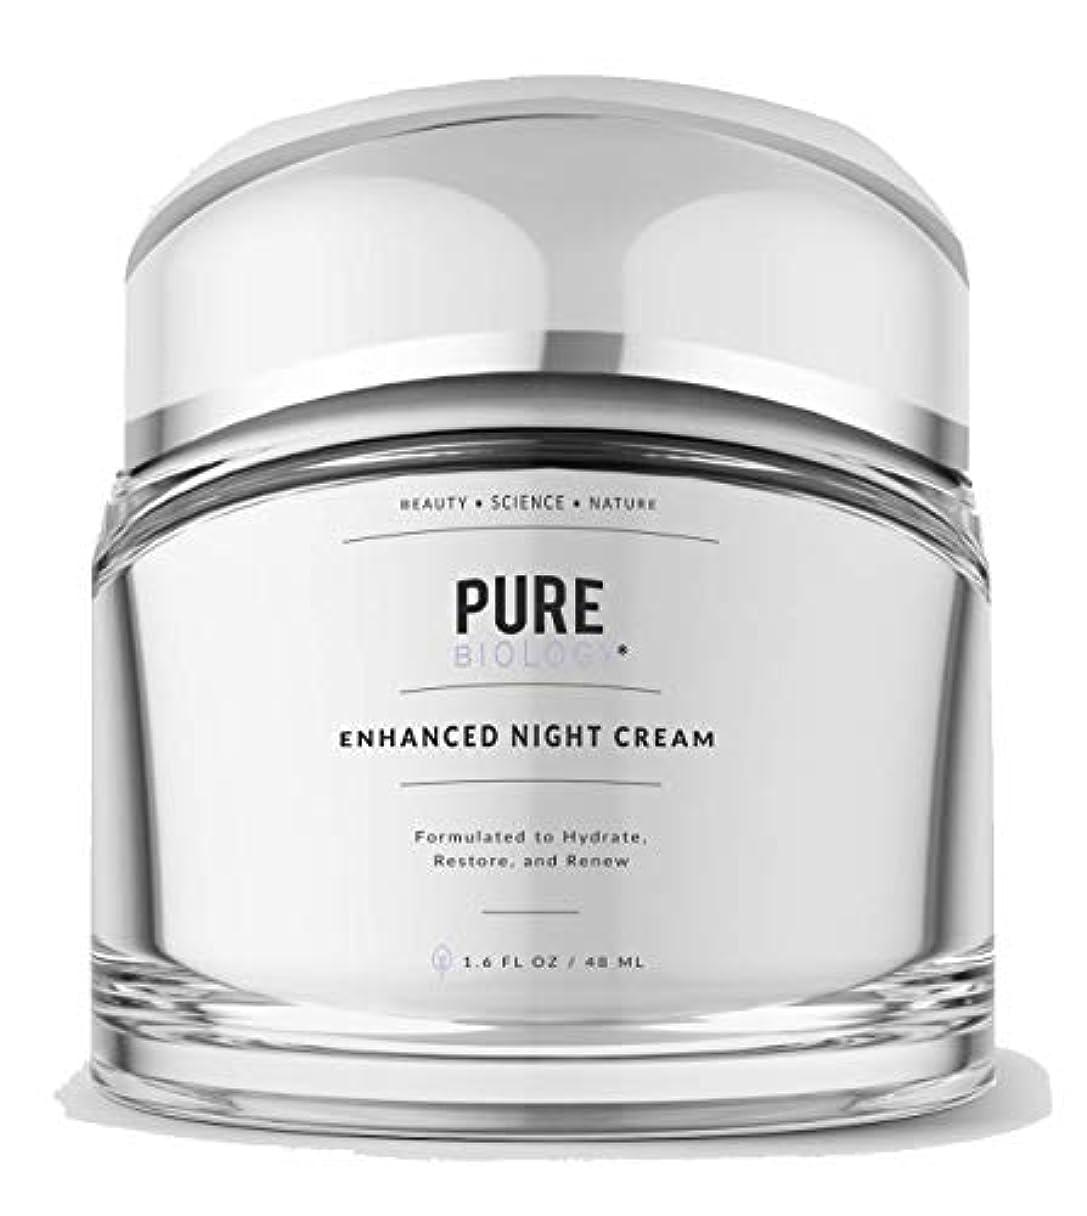 バングラデシュ勇気のあるシンプトン[Pure Biology] [フェイスモイスチャライザー Premium Night Cream Face Moisturizer – Eye, Face & Neck Skin Care] (並行輸入品)